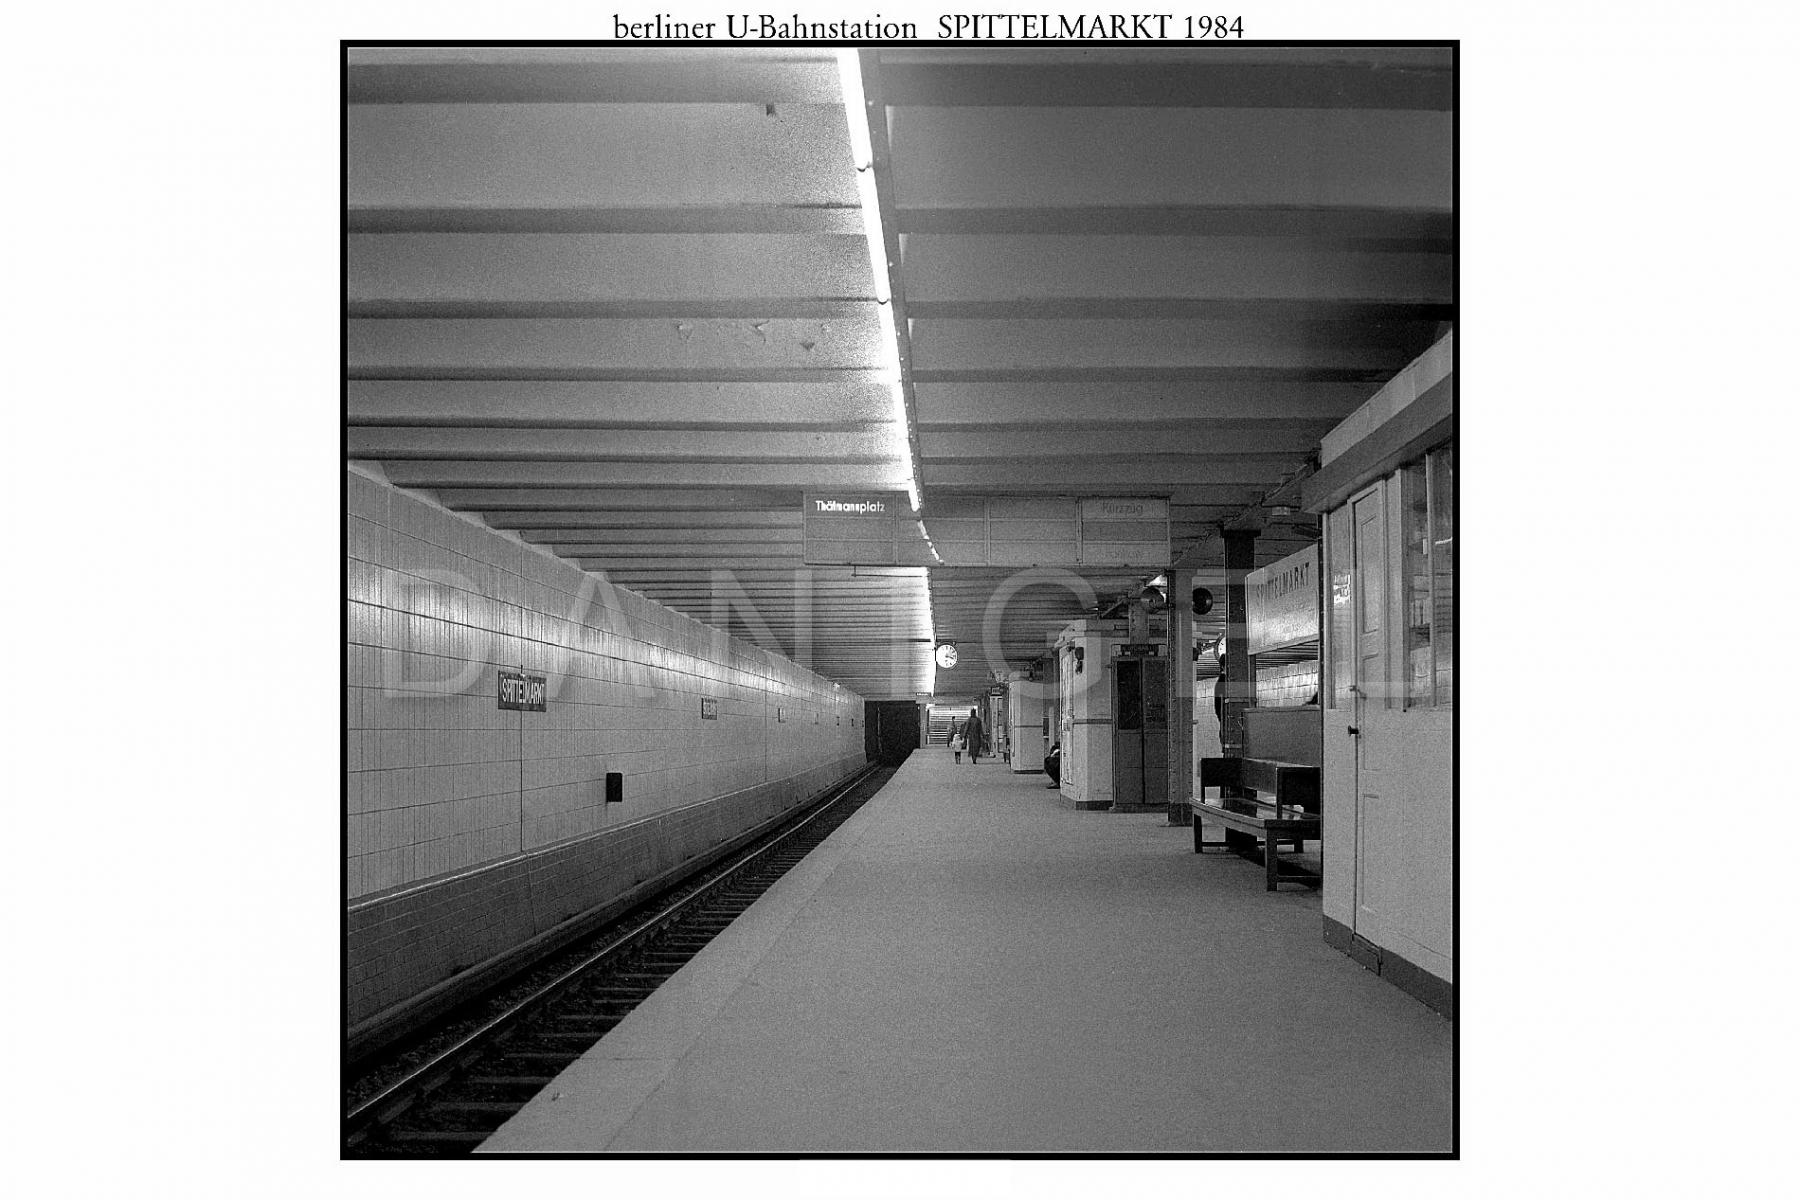 Nr01-140_U-Bahnhof-Spittelmarkt-1984